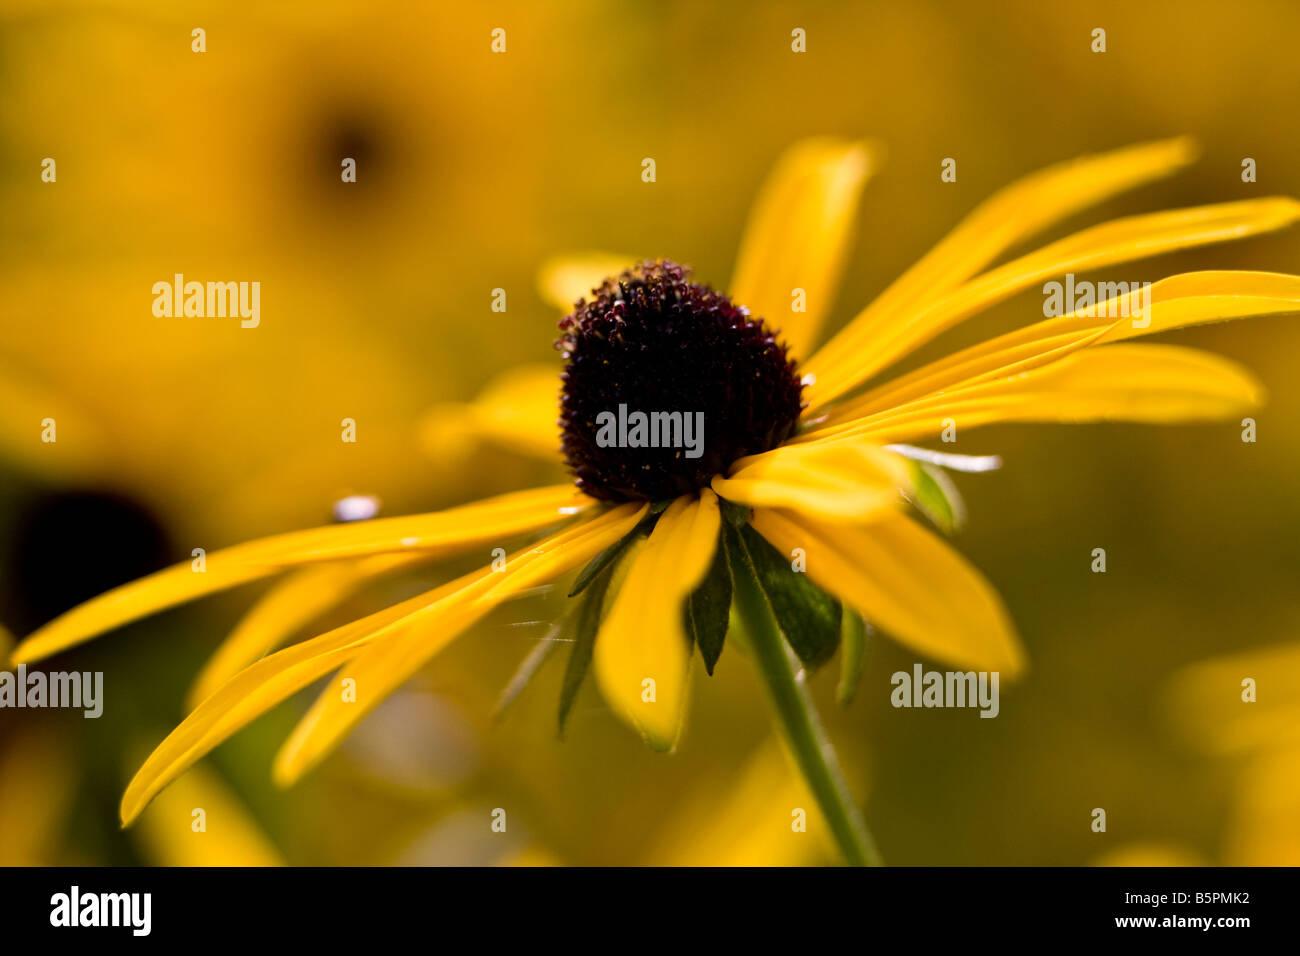 Rudbeckia Fulgida Dreamii - Stock Image